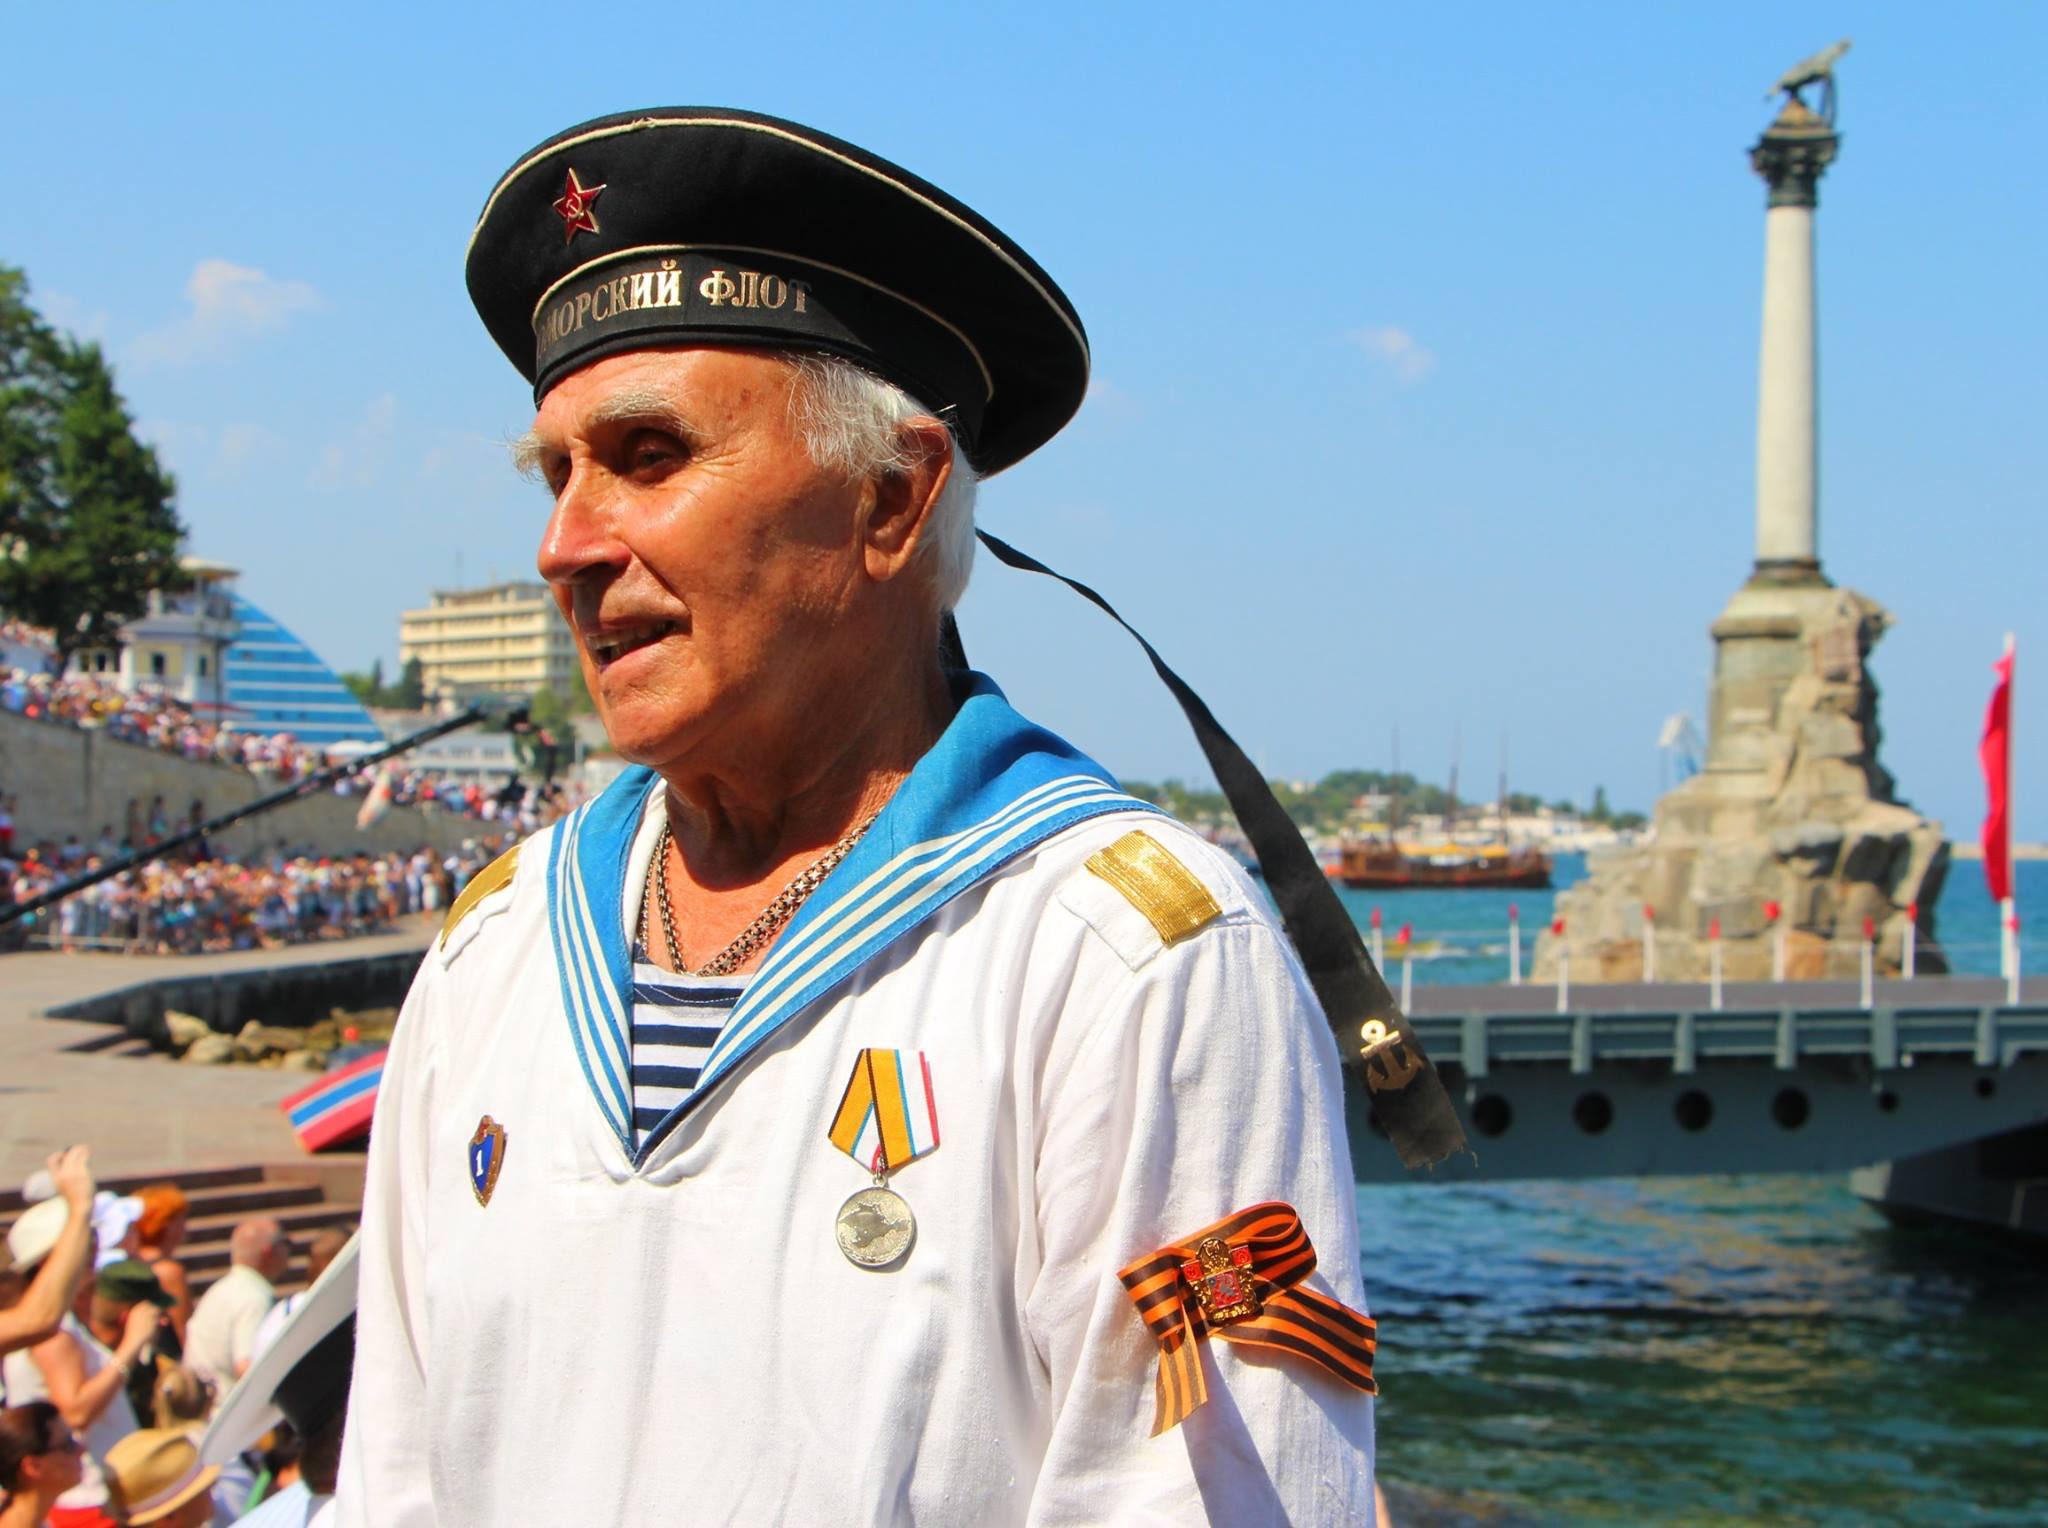 Фото с праздником вмф россии